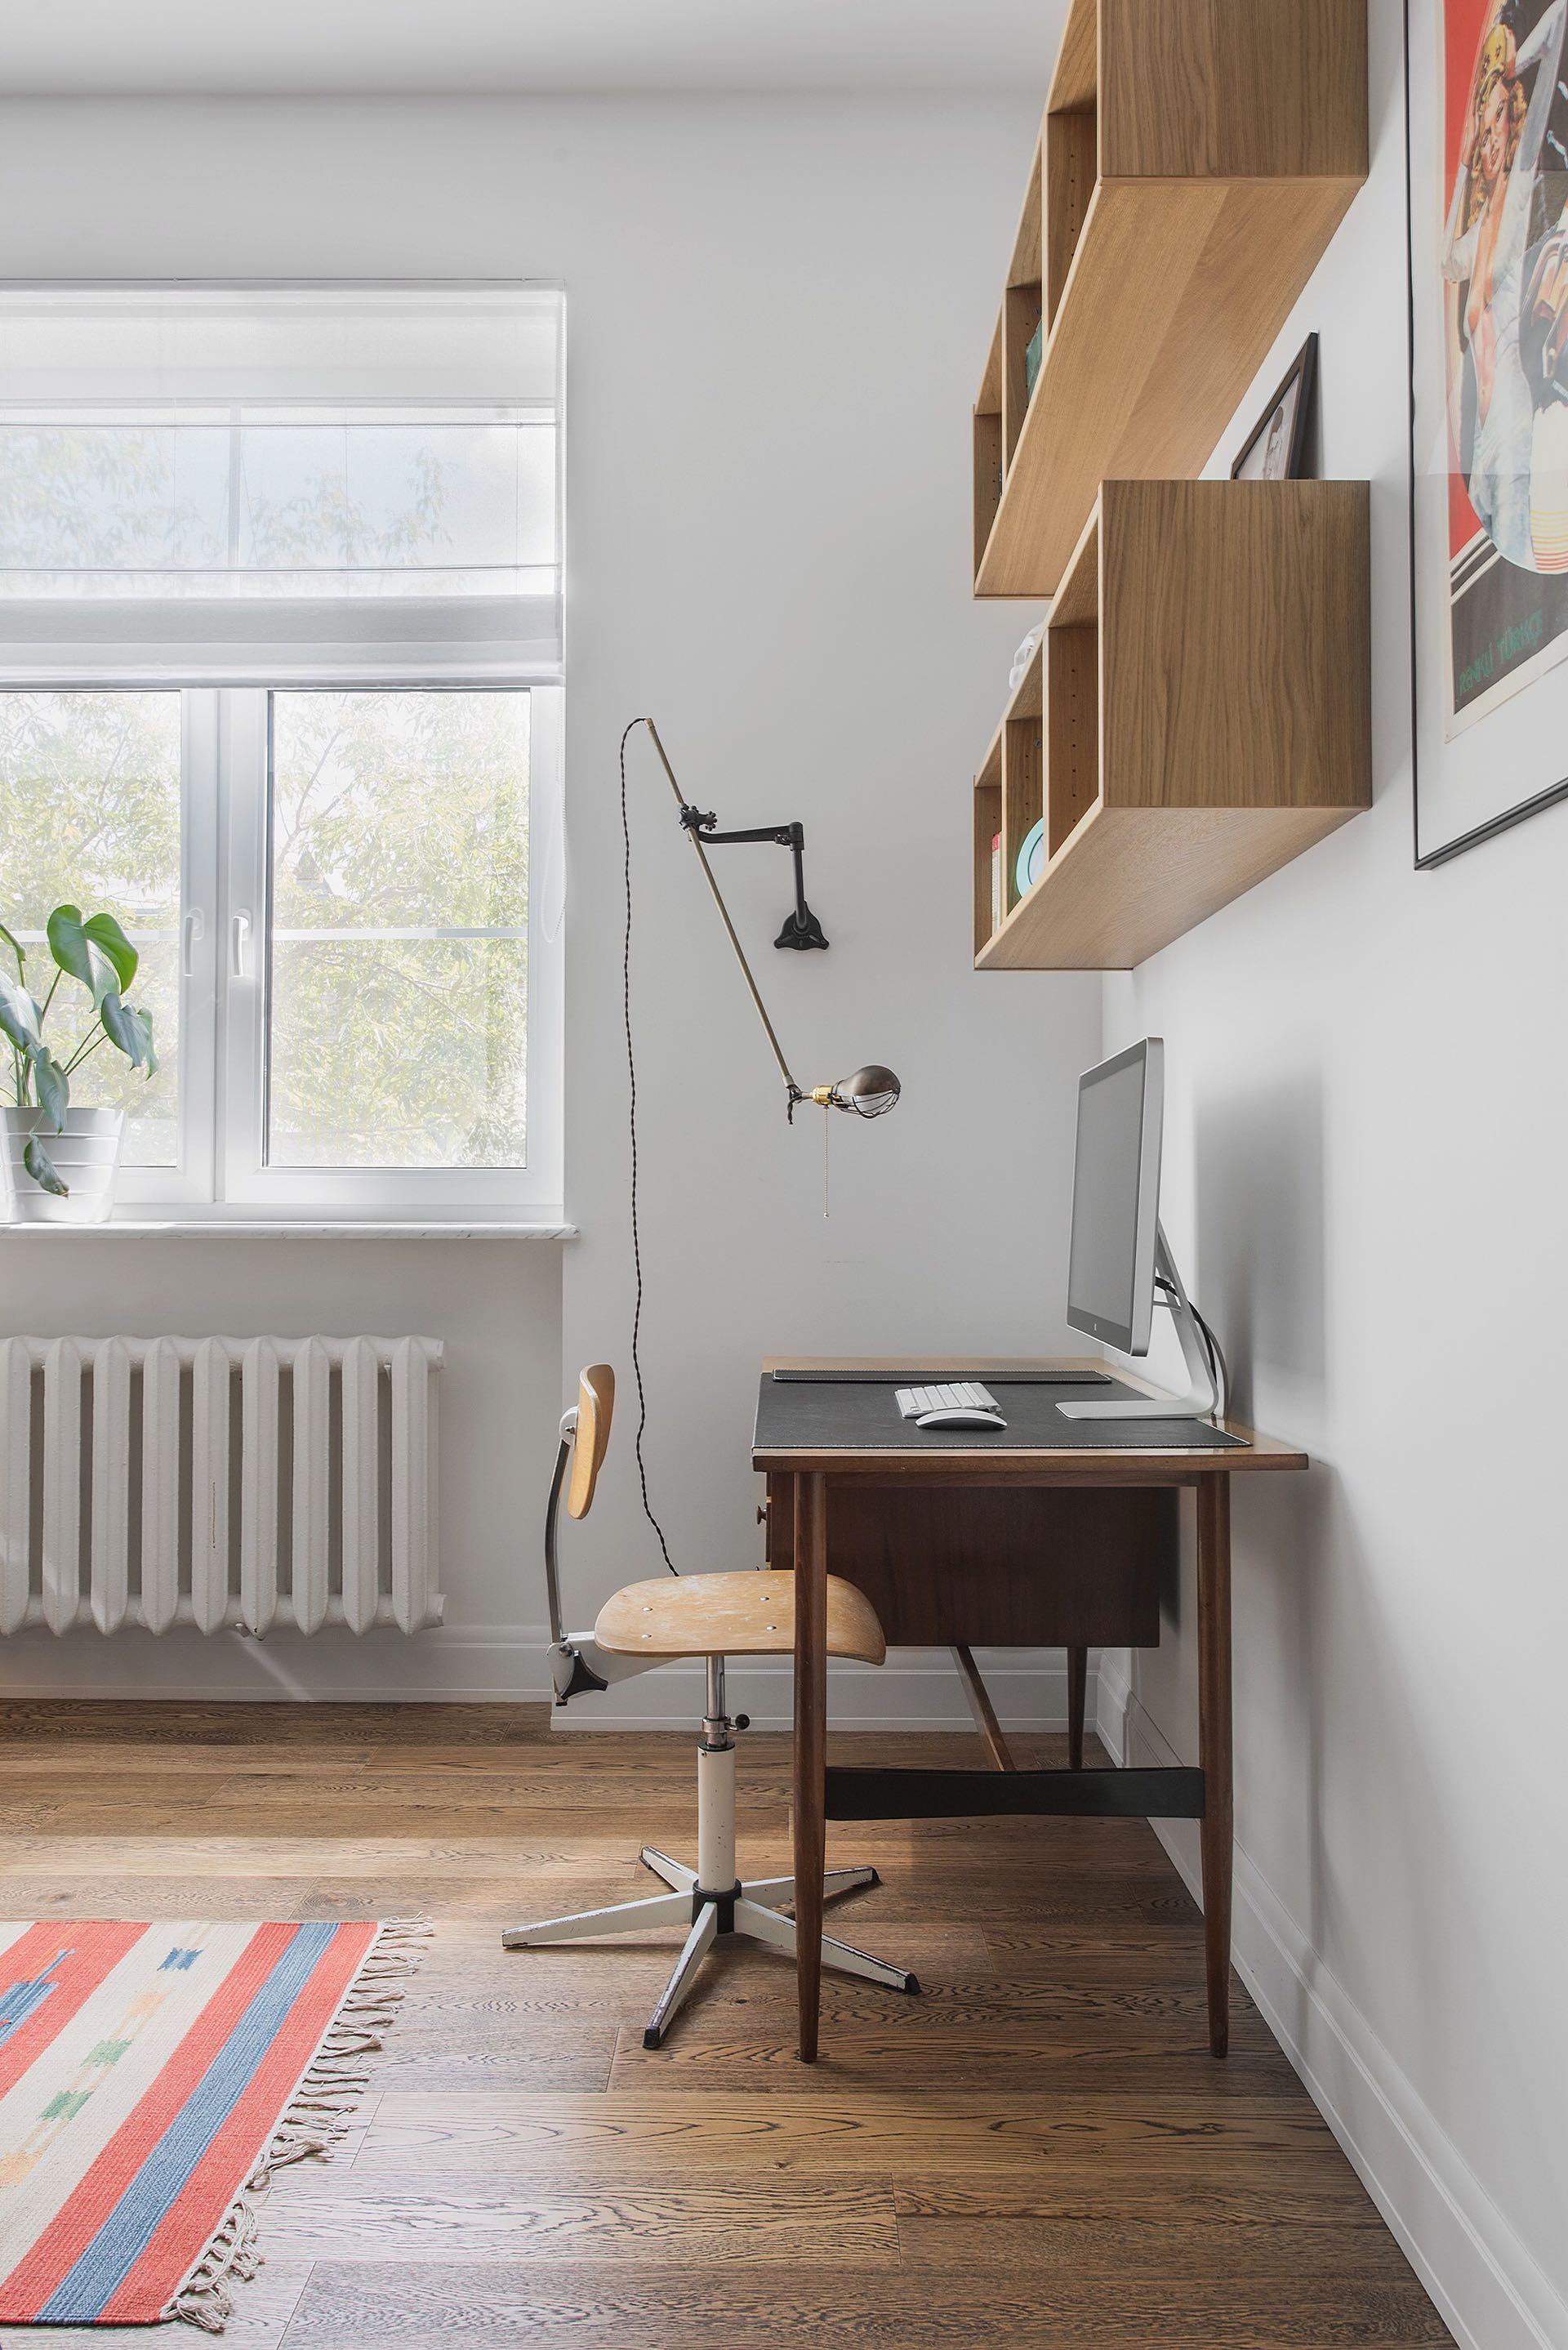 спальня рабочее место стол полки окно радиатор